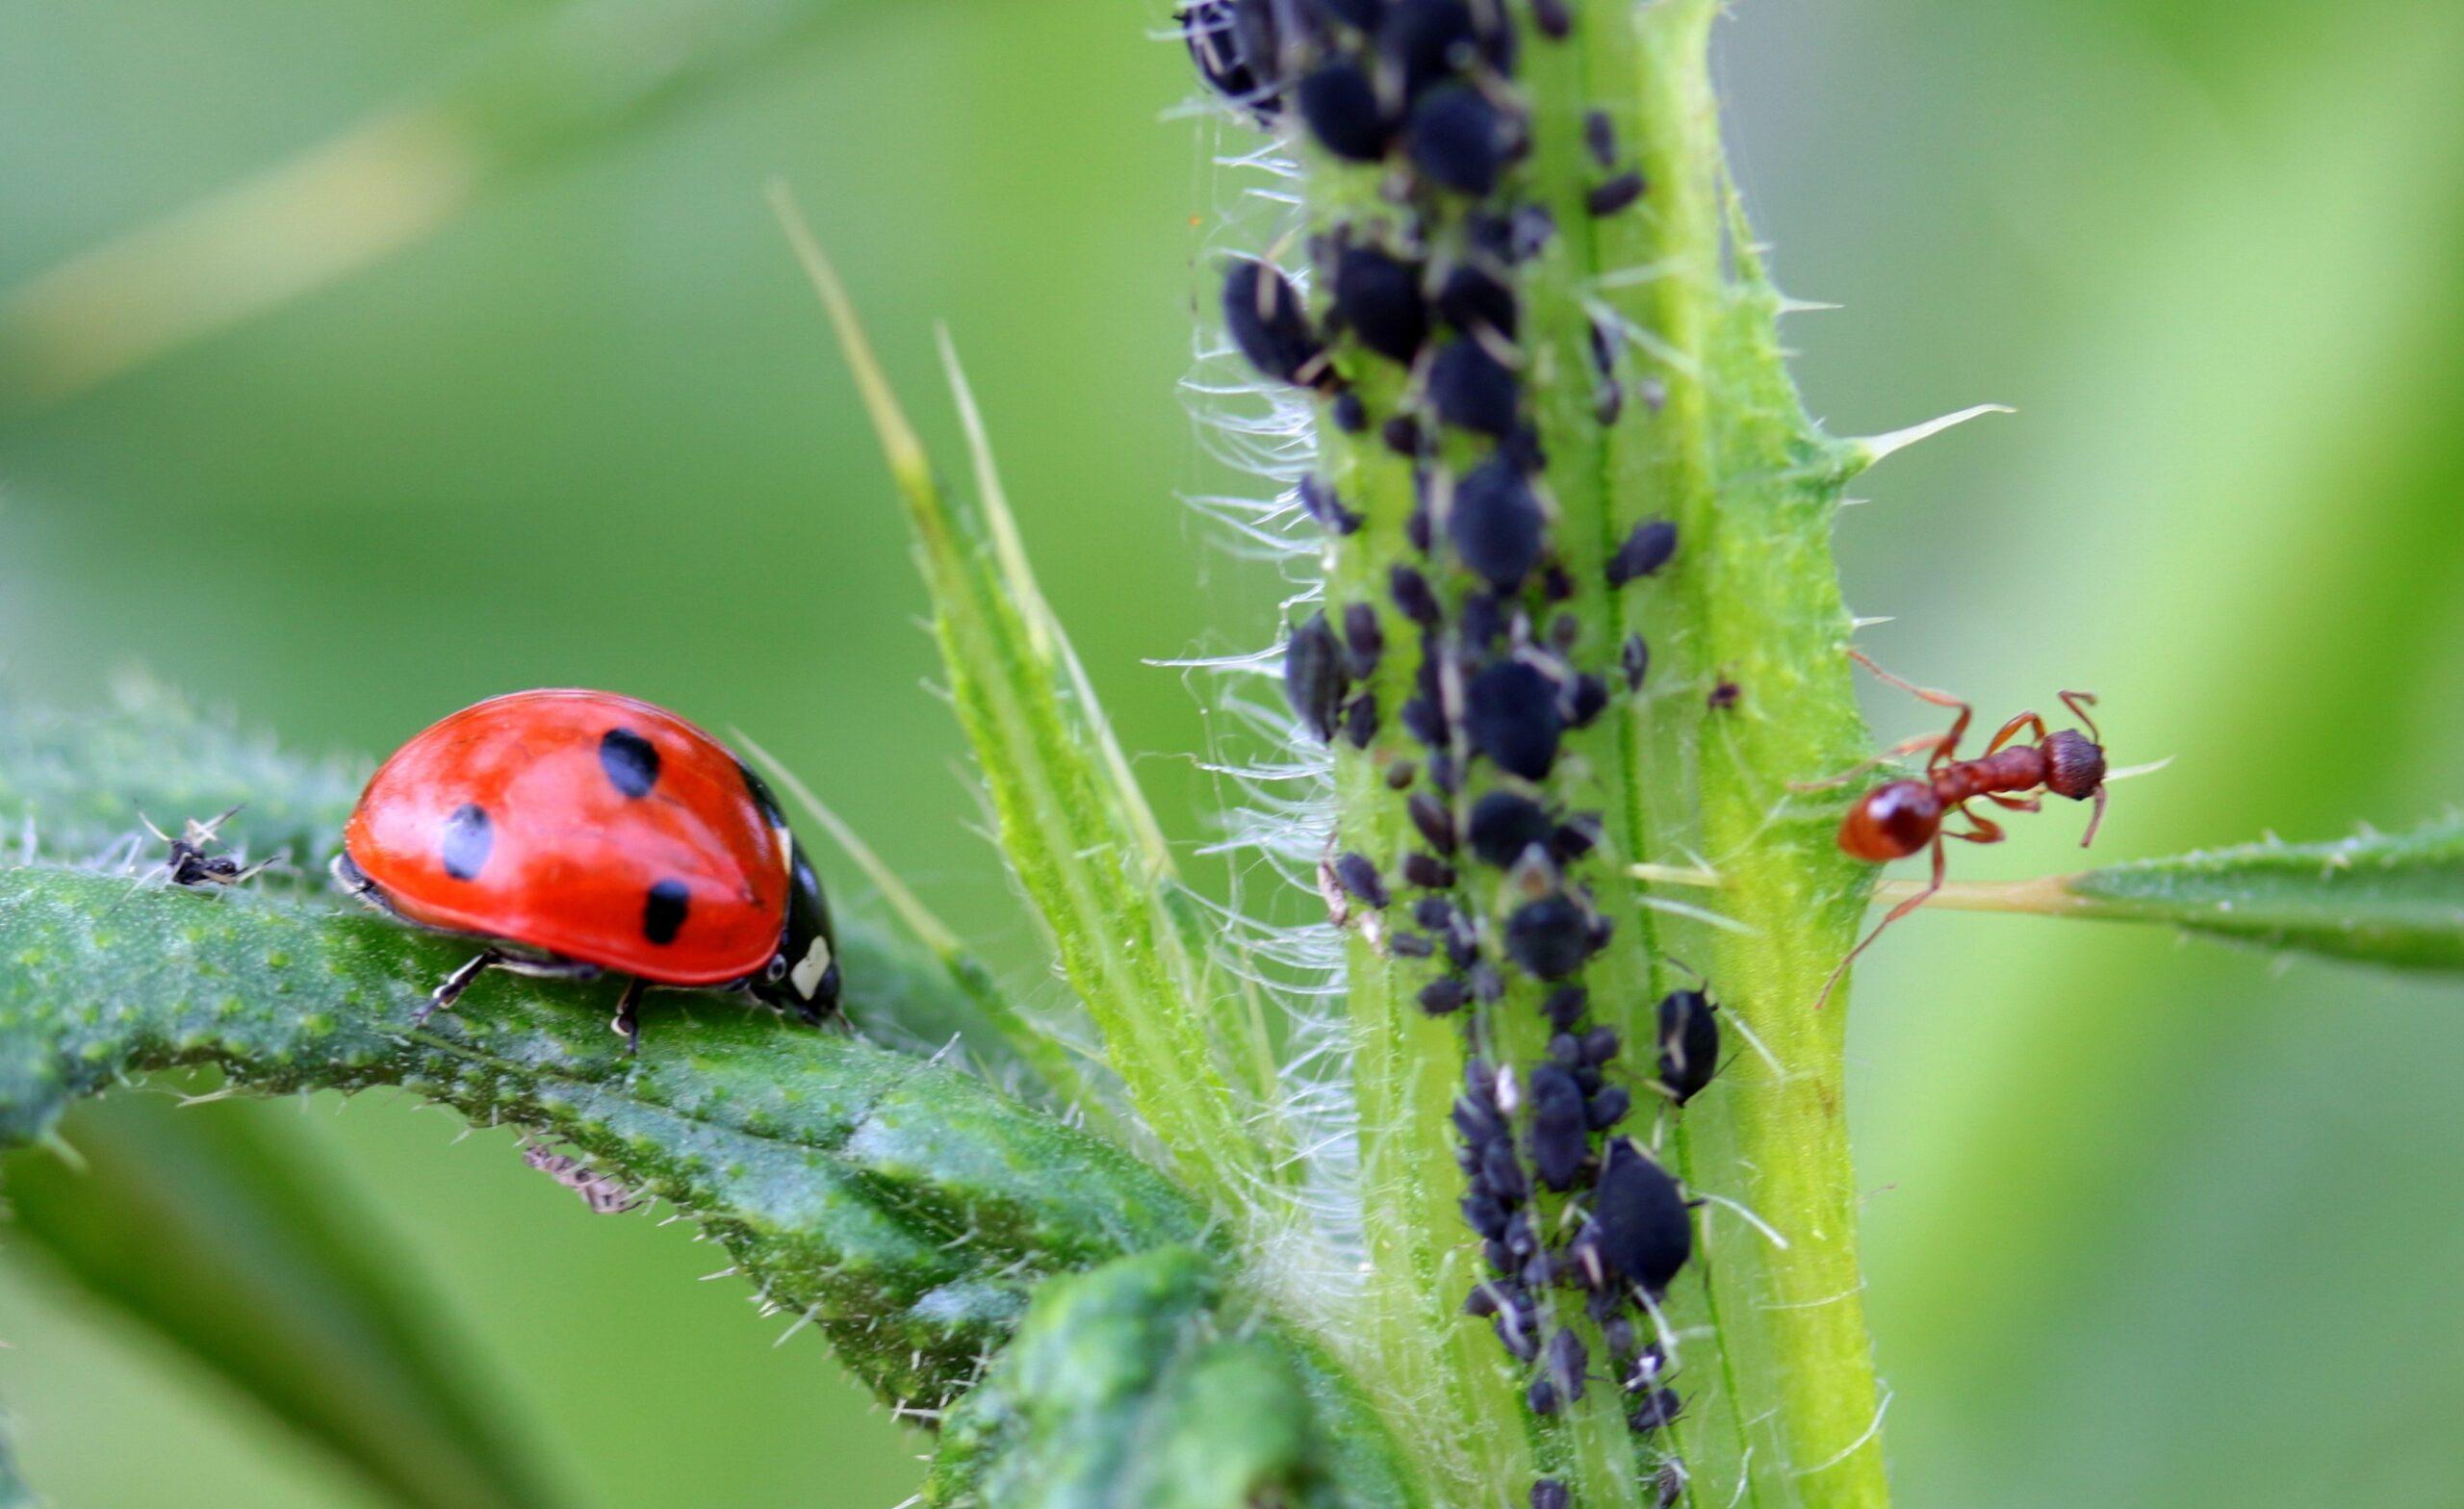 Fique de olho: formiga na horta